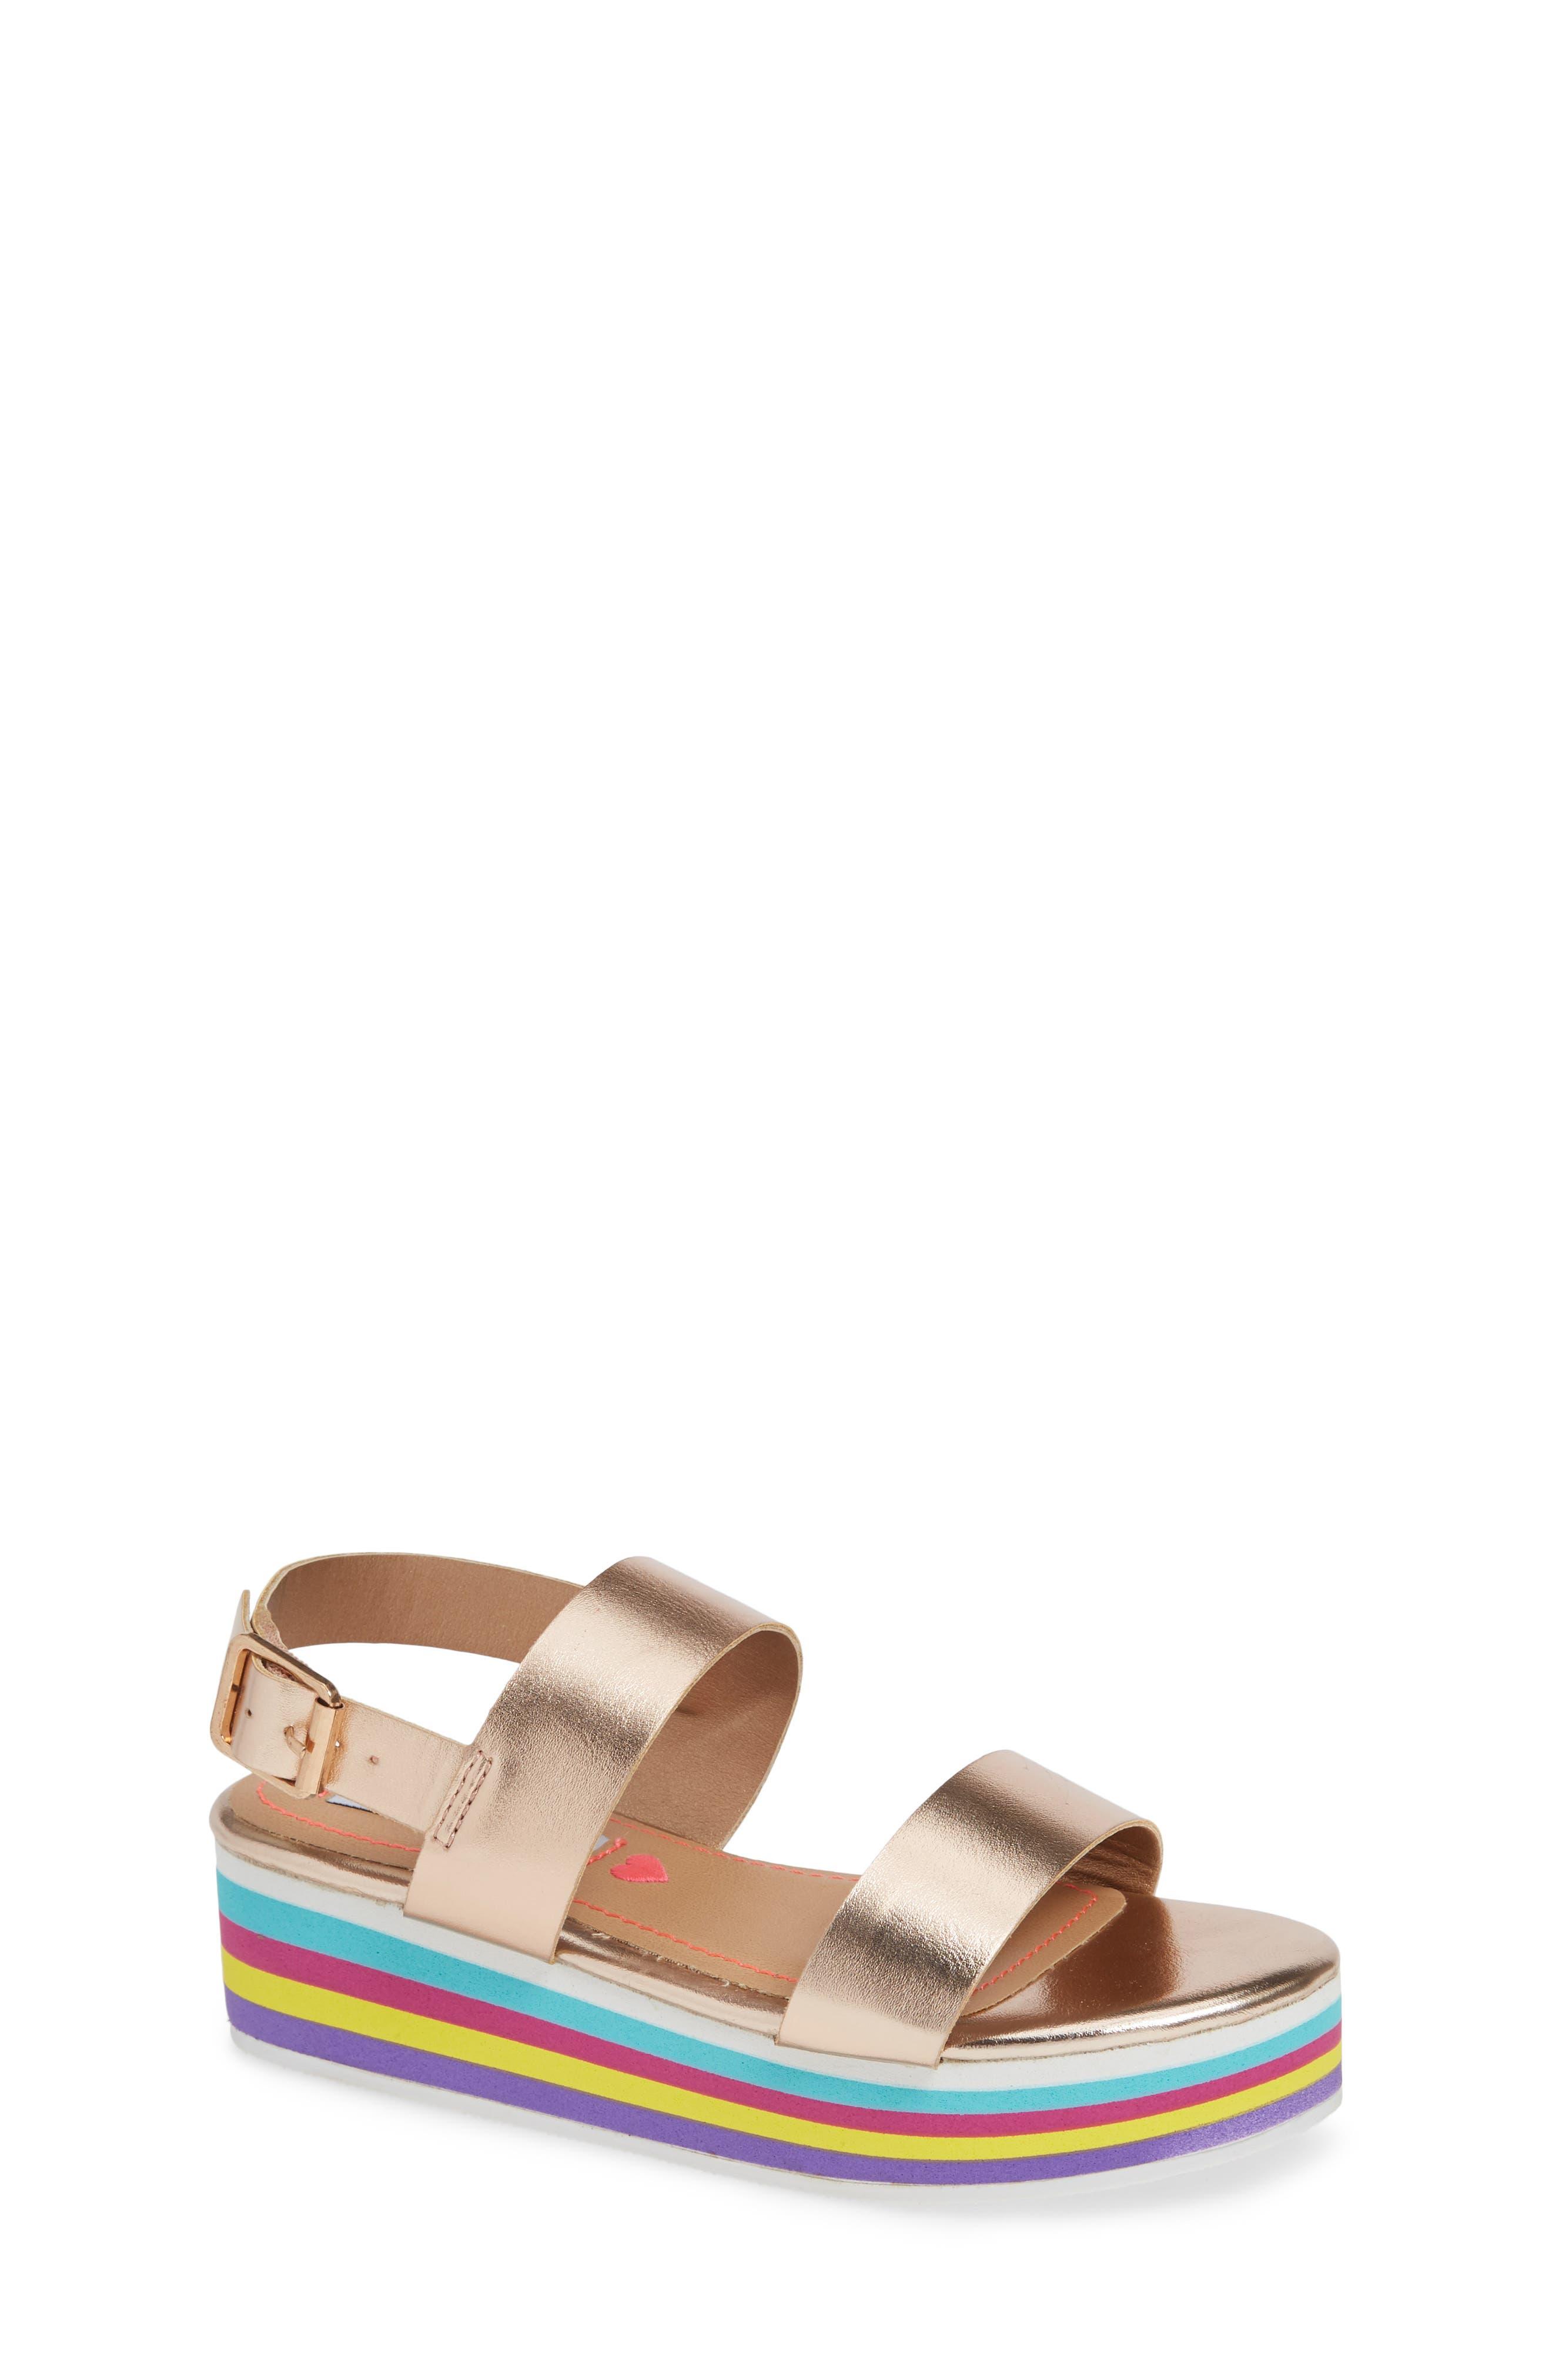 JKylie Platform Sandal,                         Main,                         color, ROSE GOLD